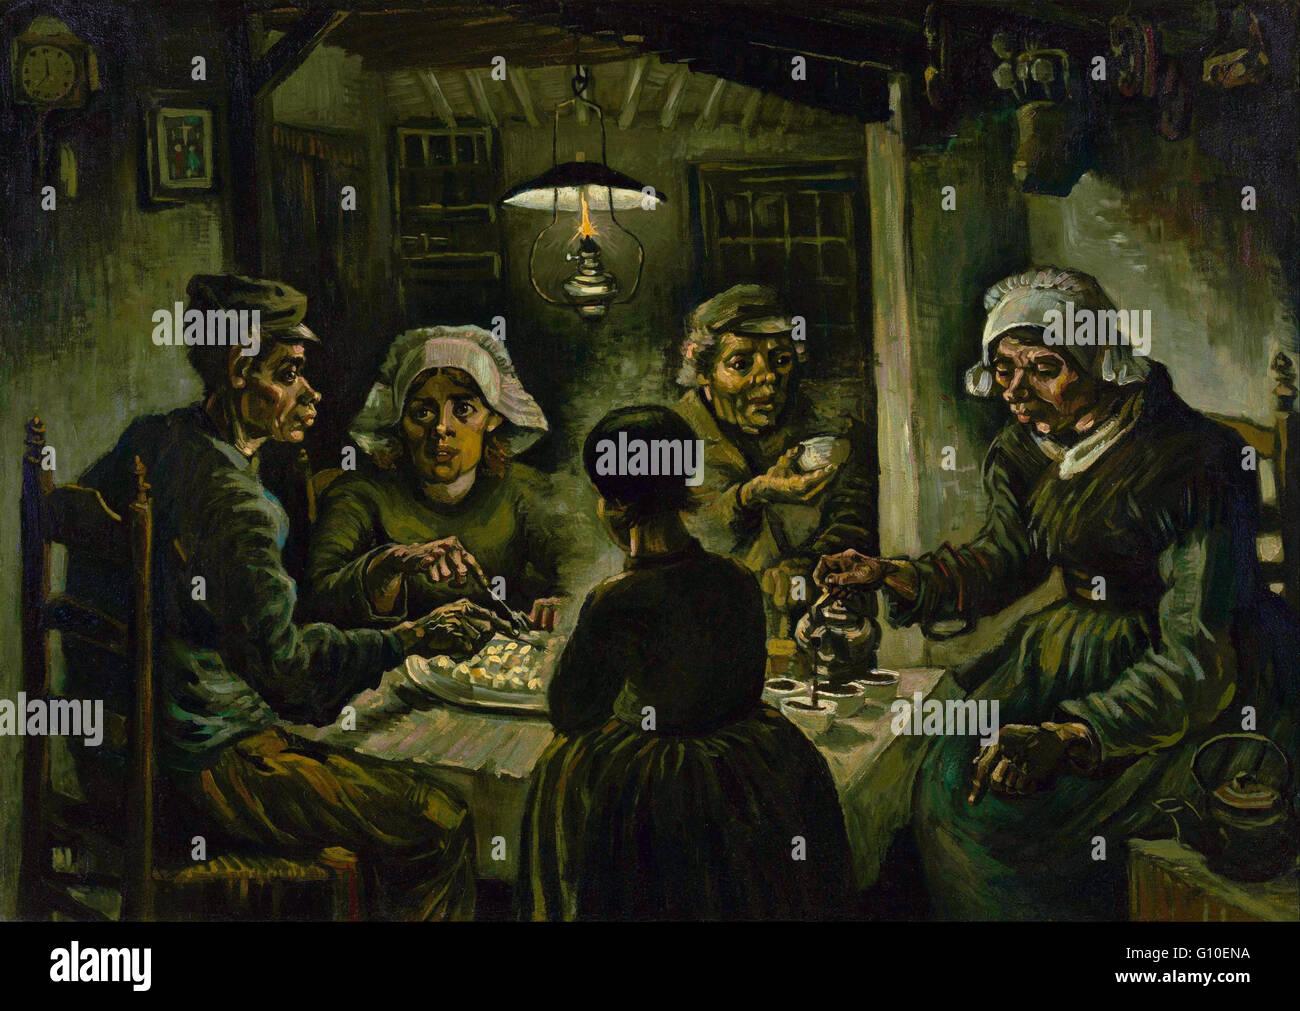 Vincent Van Gogh The Potato Eaters